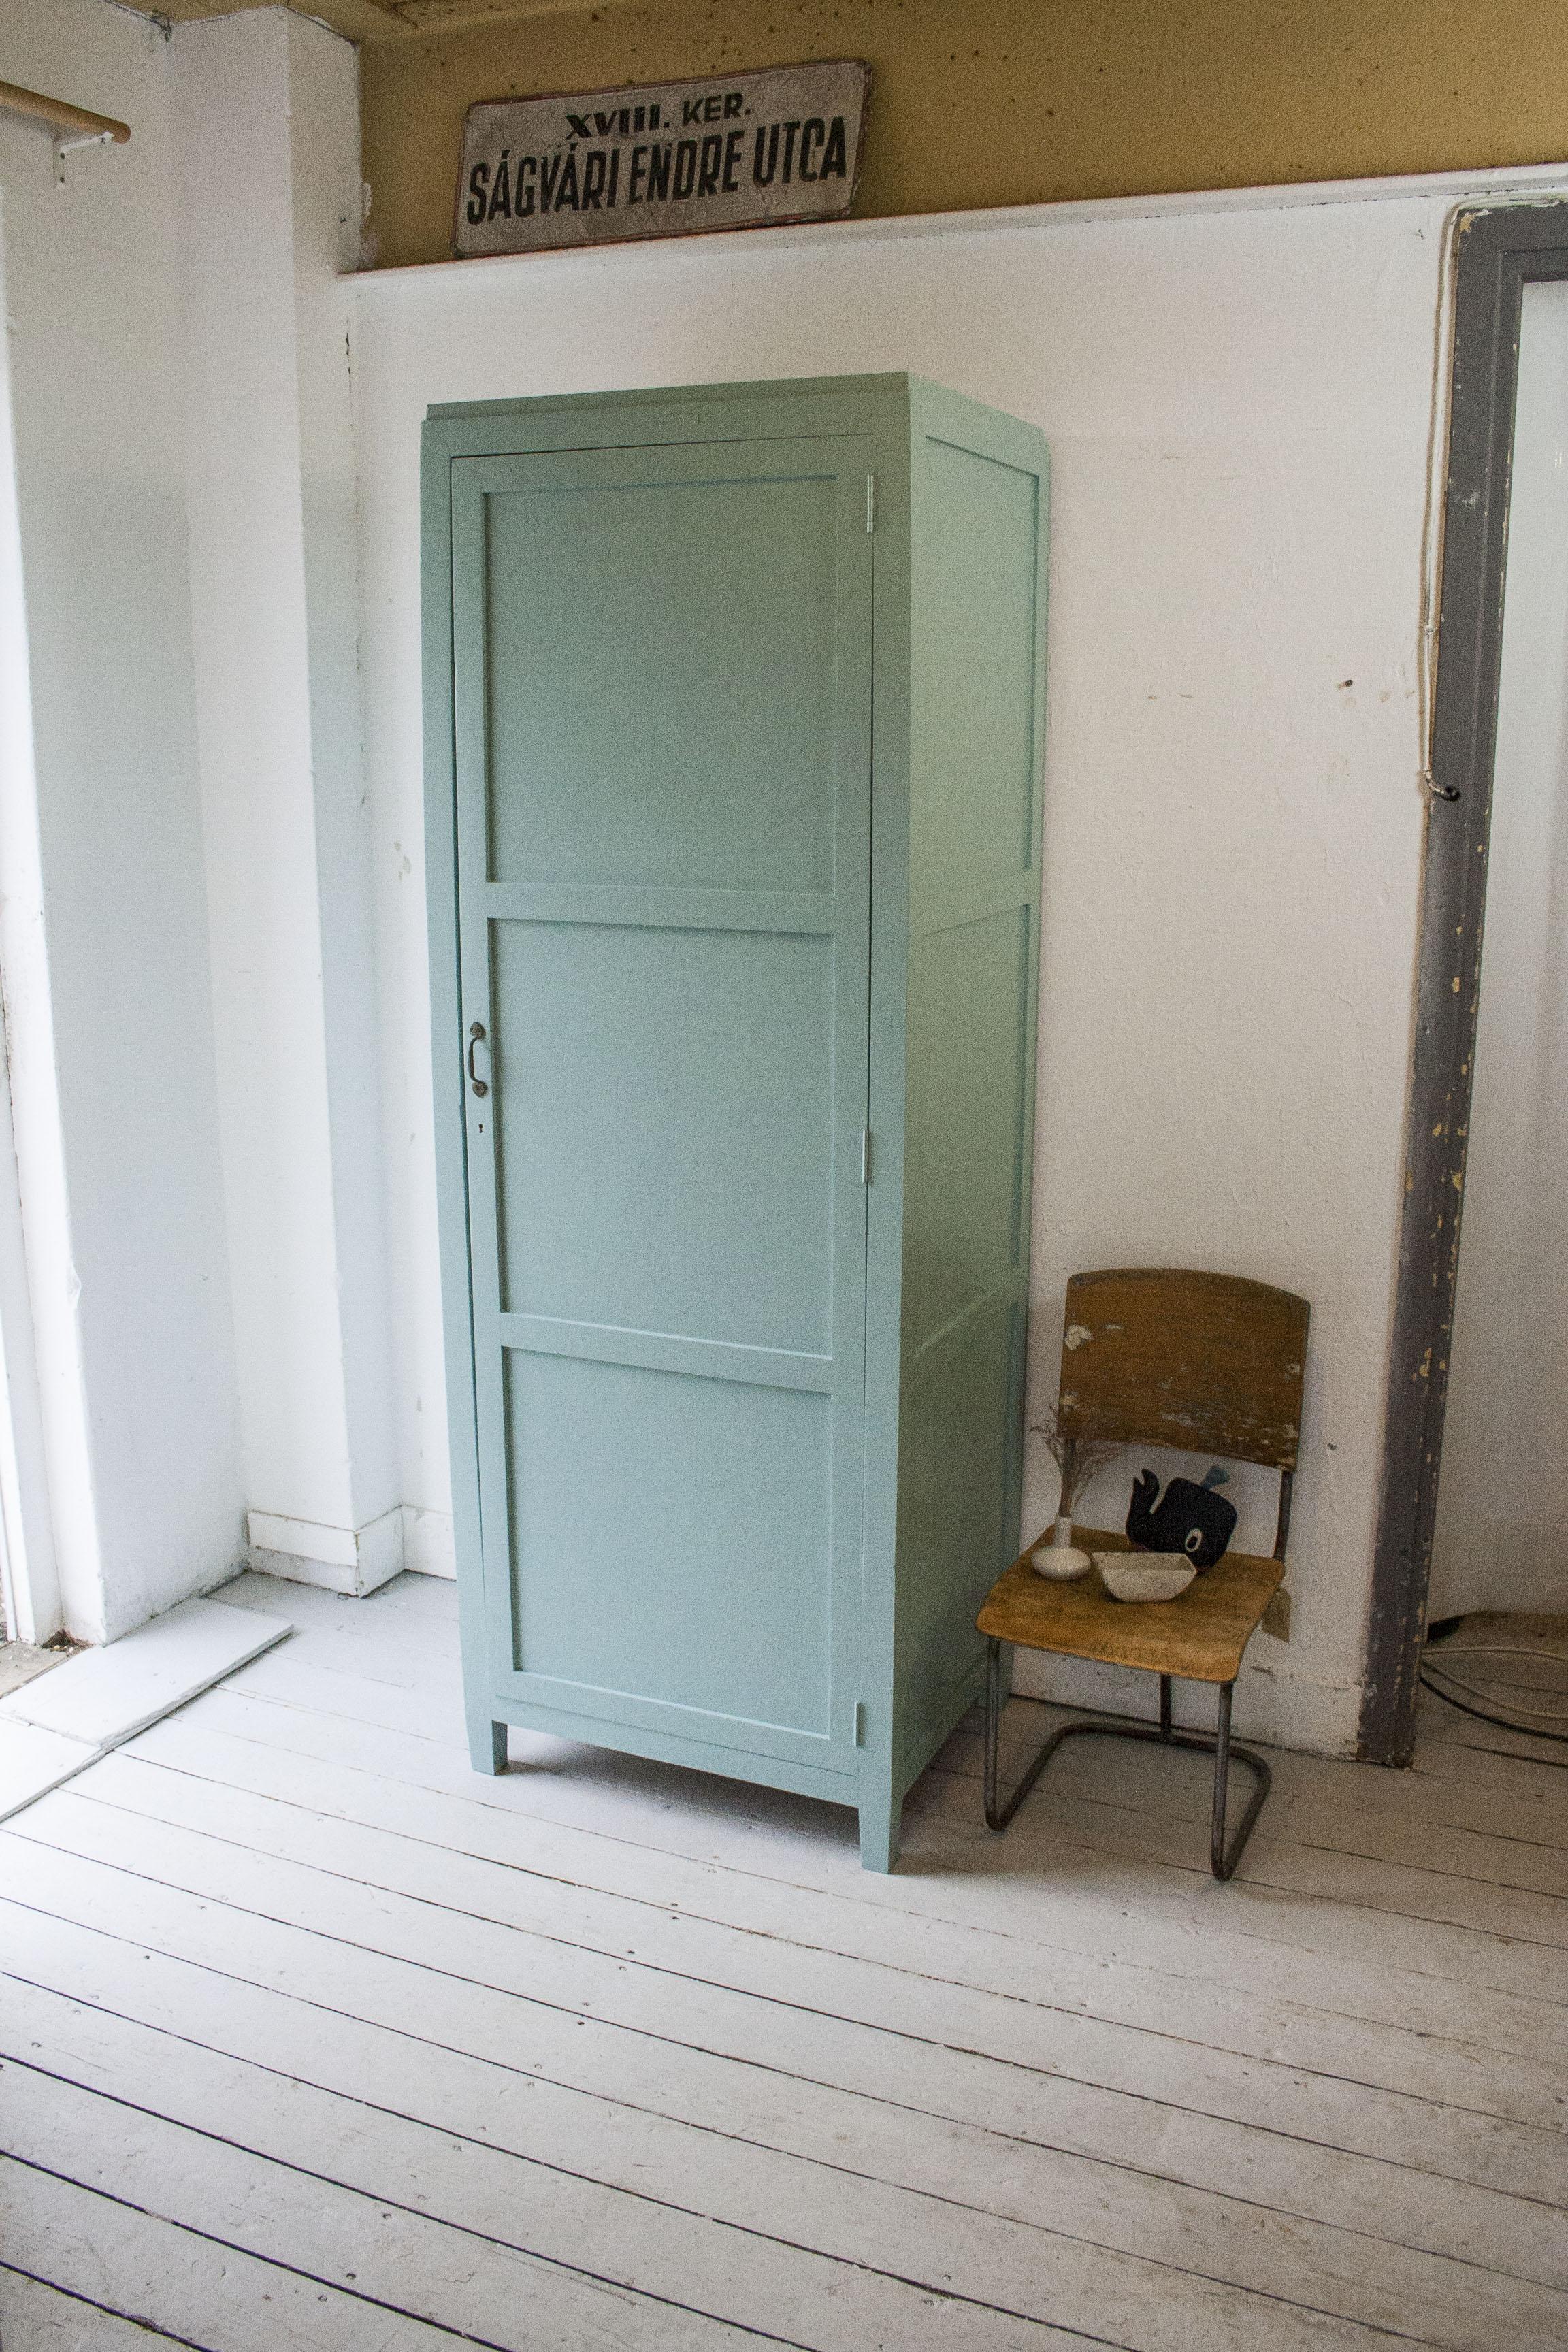 Dix blue kloosterkast.jpg